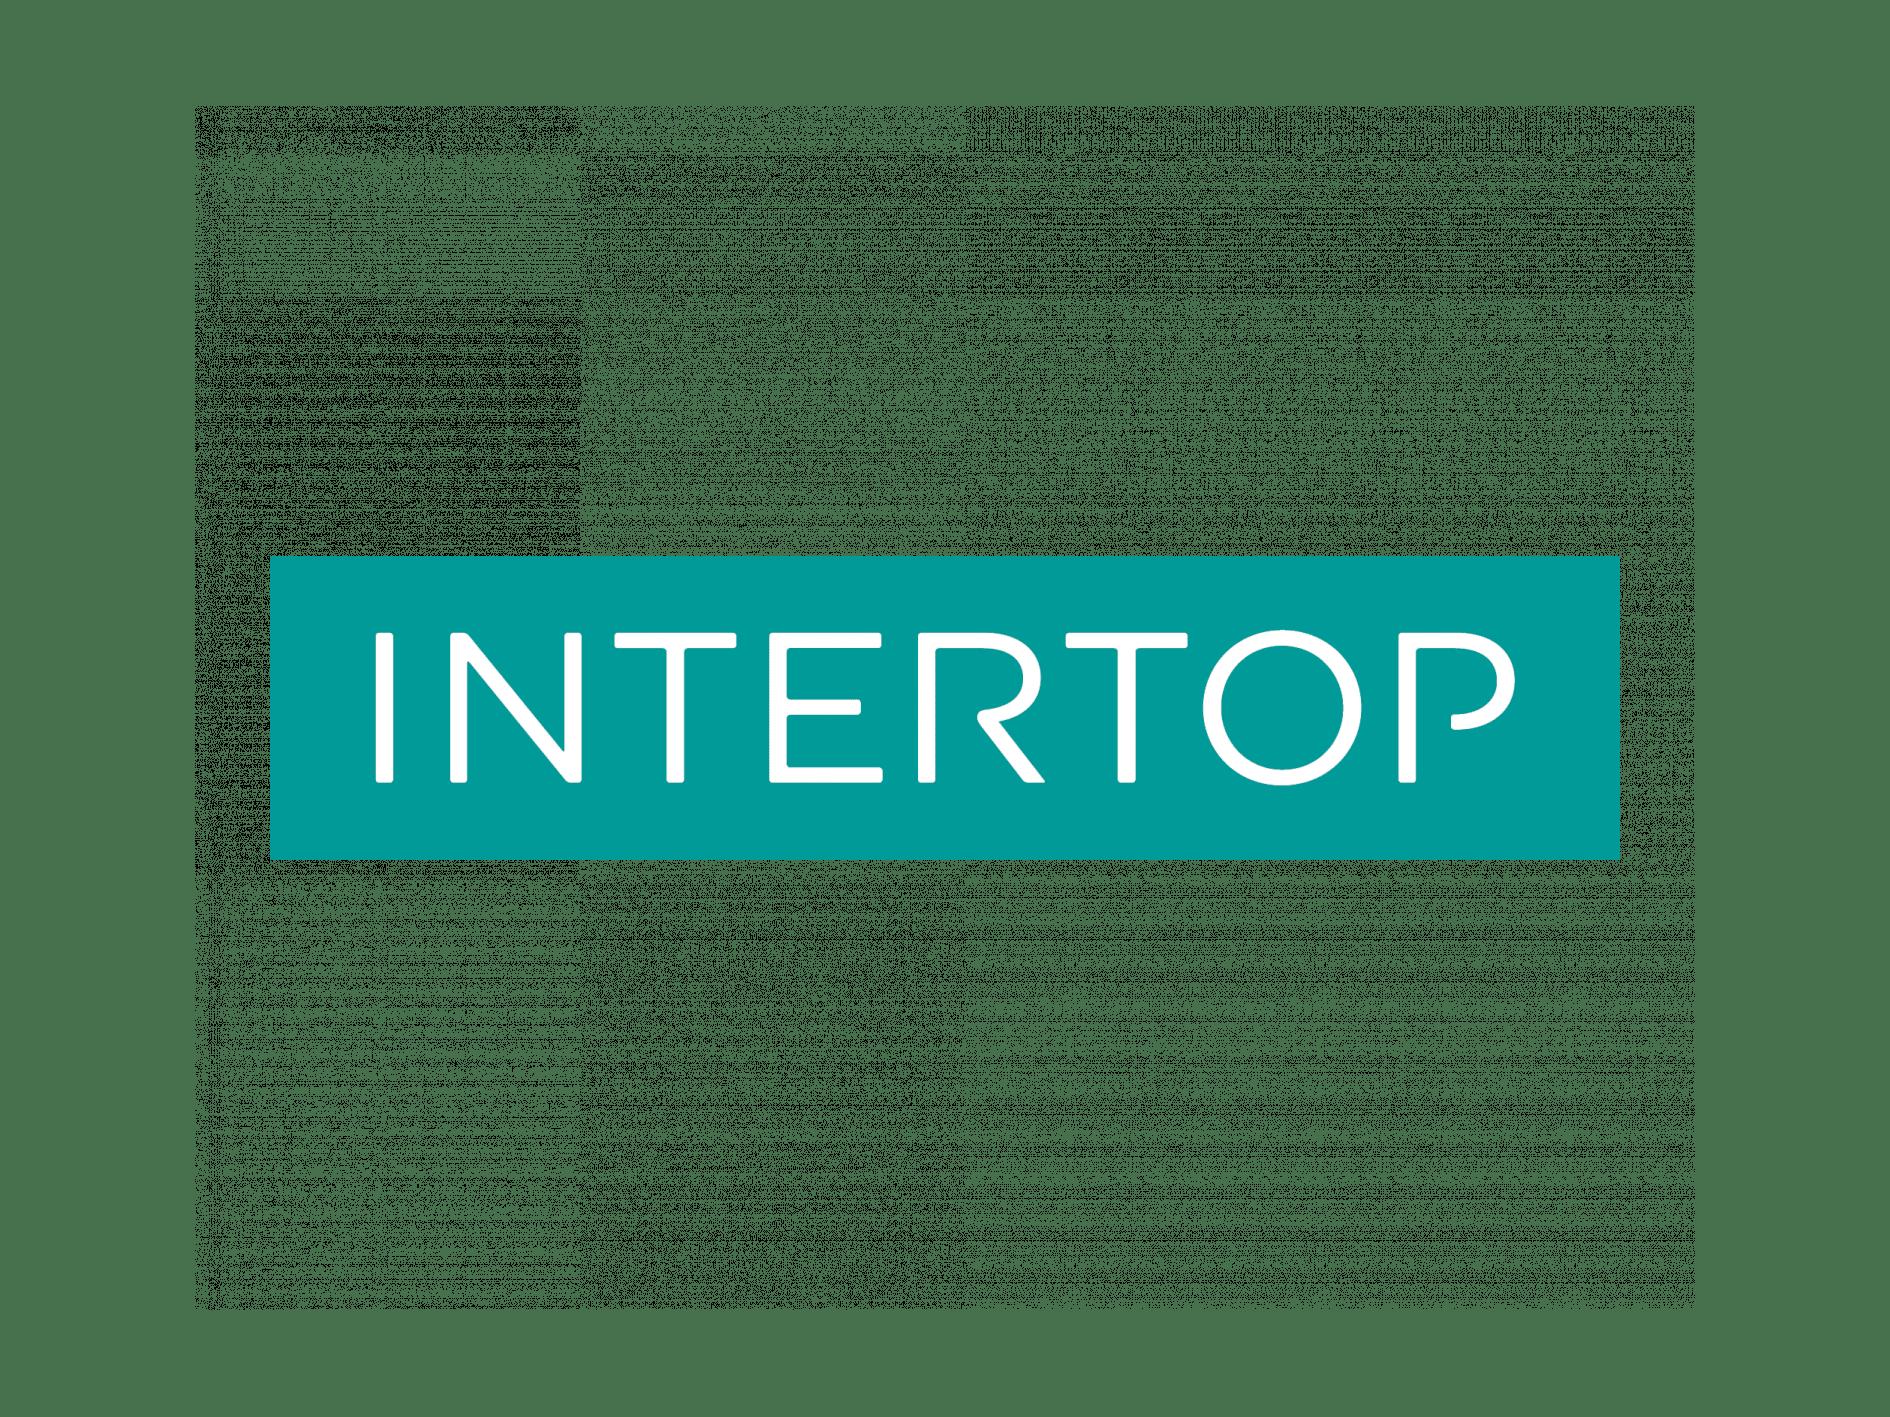 INTERTOP - kiev.karavan.com.ua